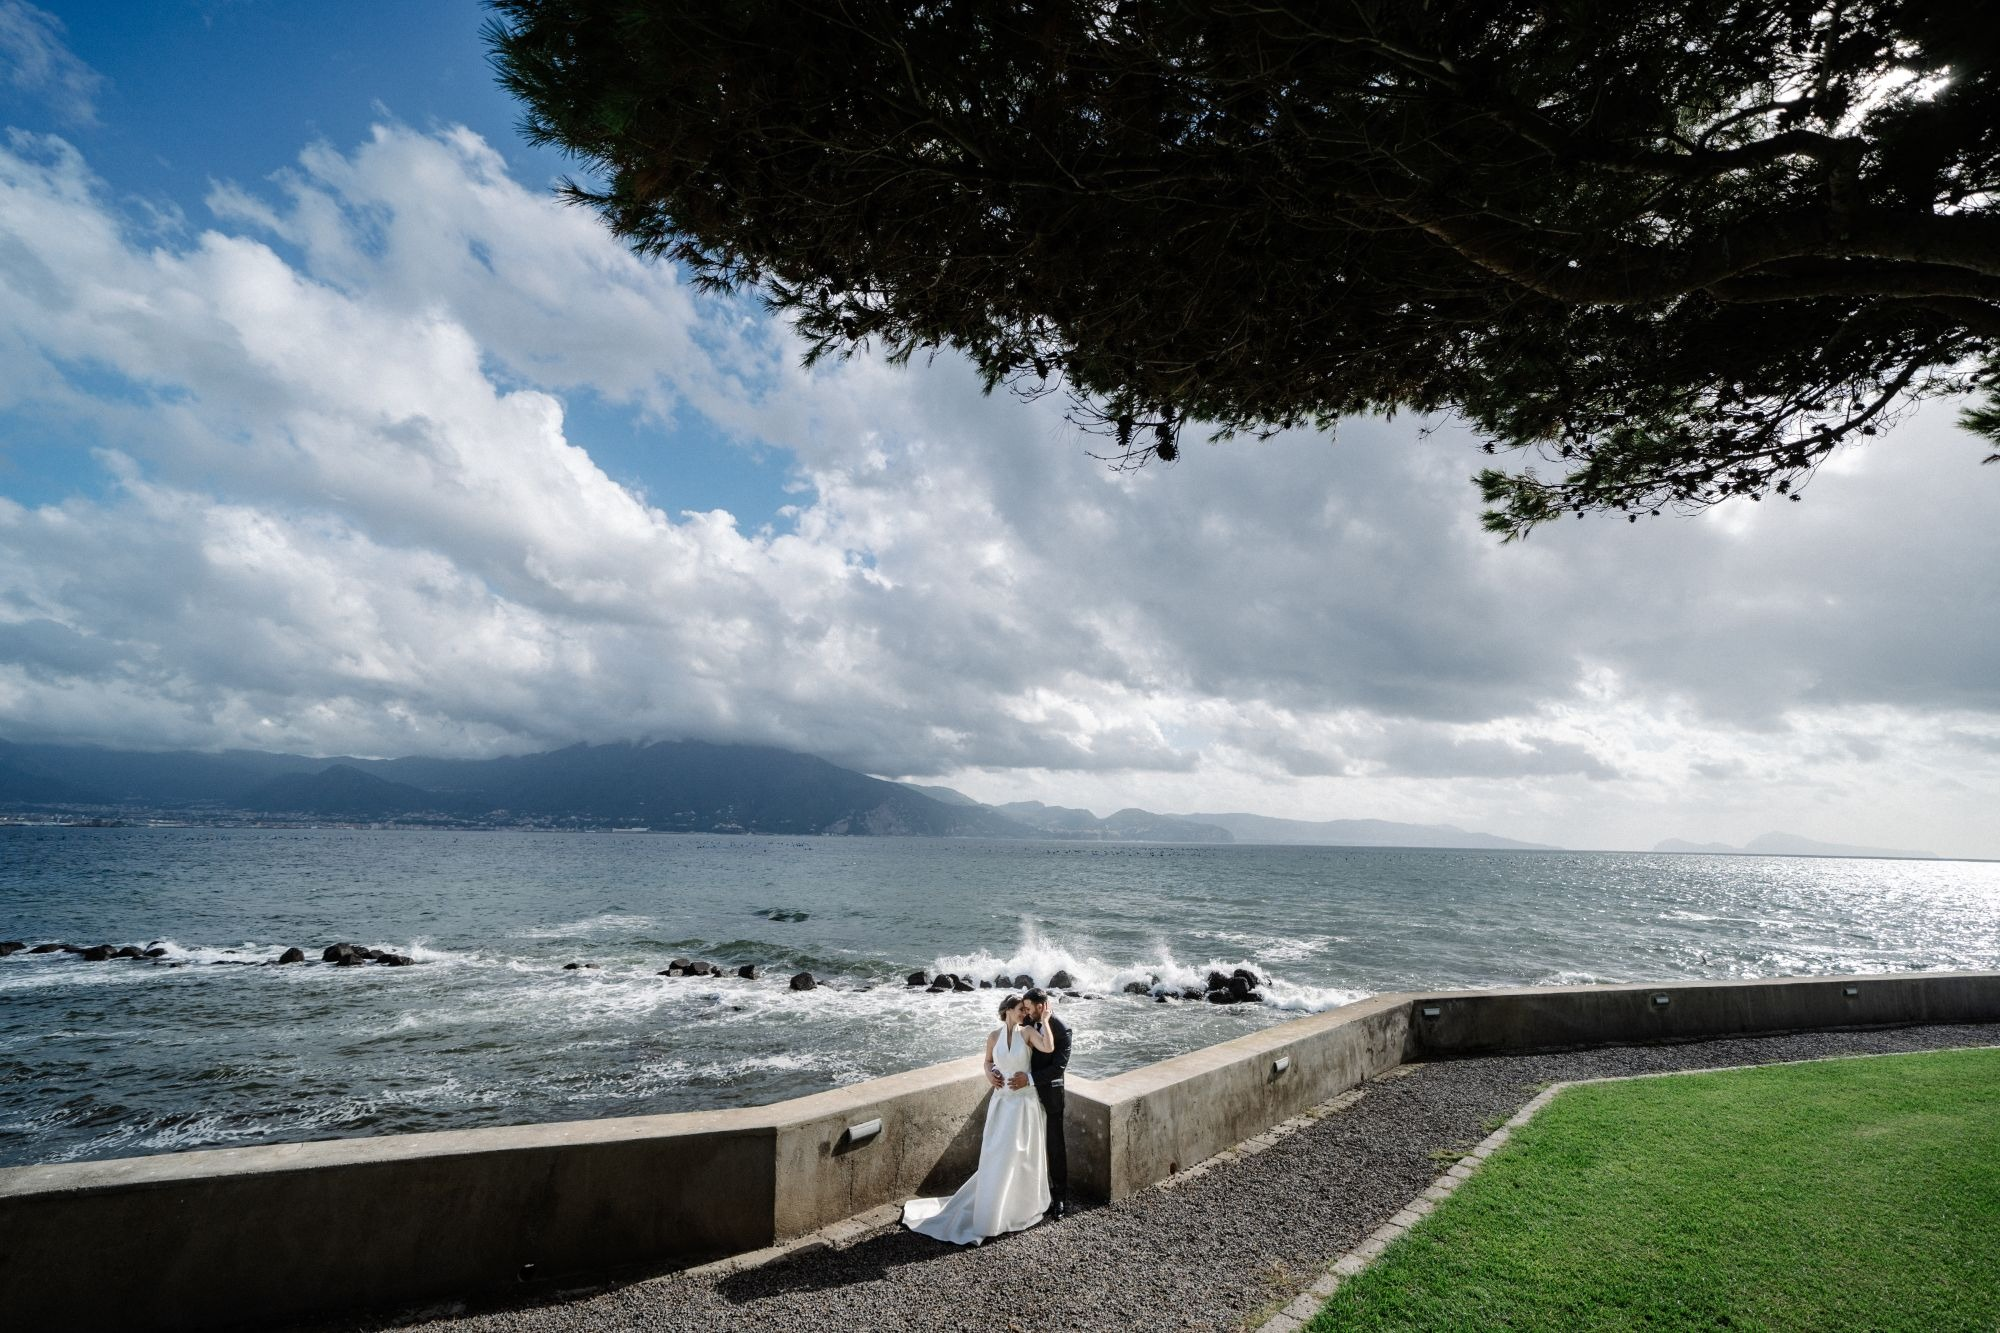 WEDDING IN CHURCH OF SANTA MARIA DELLE GRAZIE, VICO EQUENSE, SORRENTO COAST, ITALY